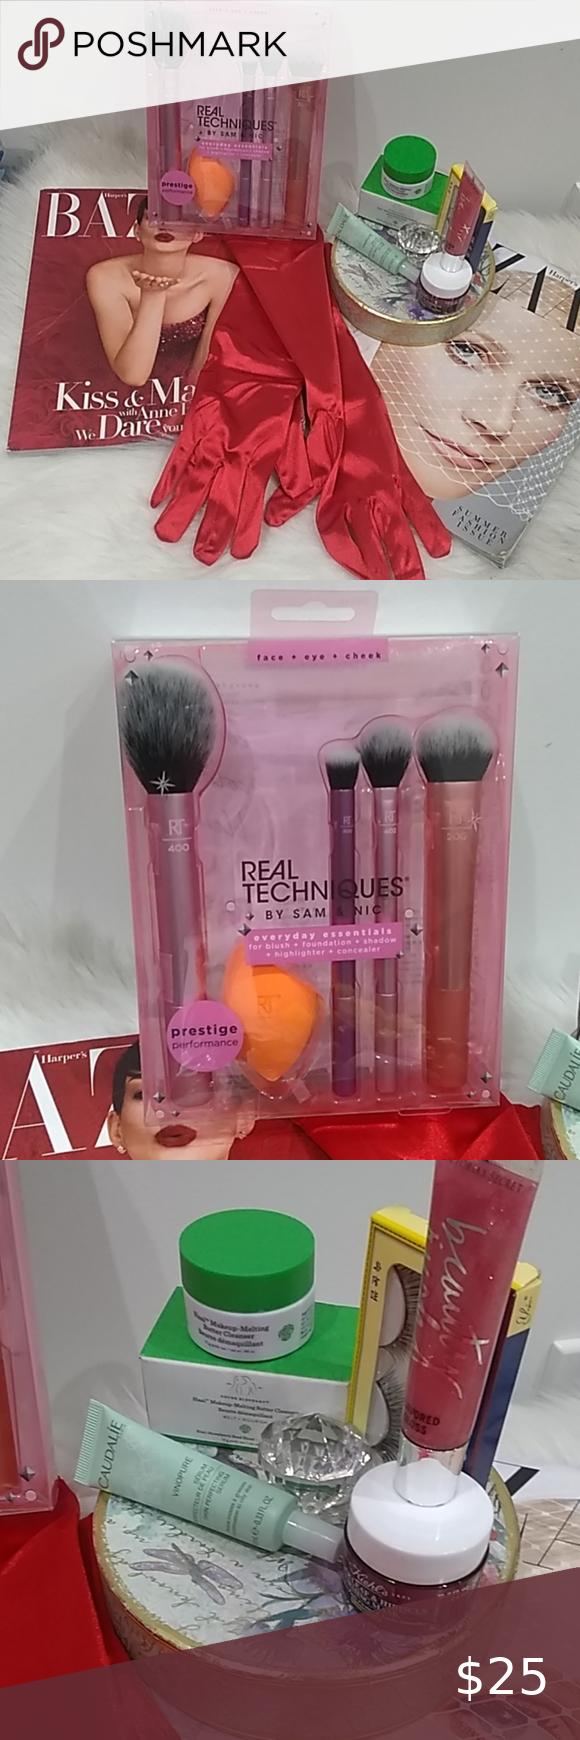 SEPHORA, ULTA & VS in 2020 Sephora cosmetics, Sephora, Ulta